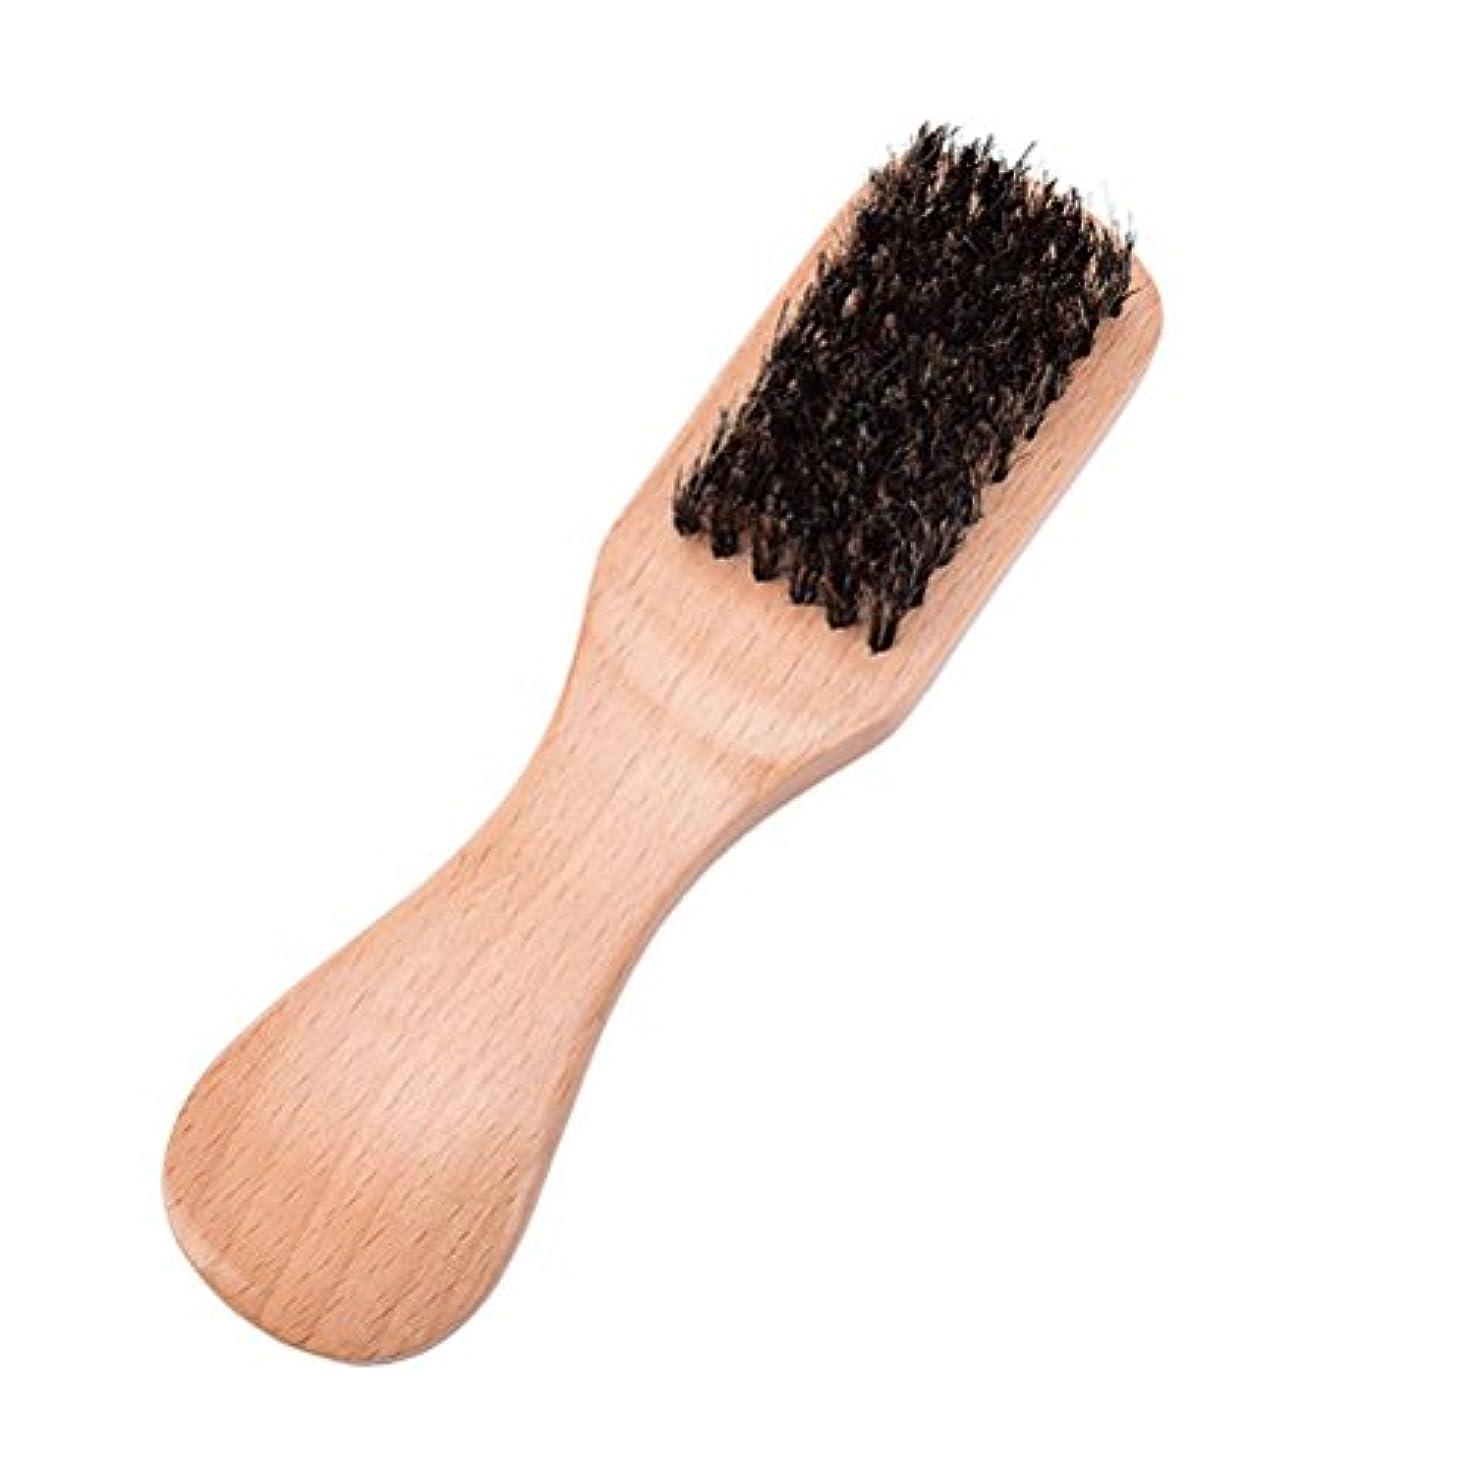 喉が渇いた願望毛細血管VORCOOL ひげそりのブラシの猪毛皮の口ひげのブラシ柔らかい自然な毛の毛のブラシの木製のハンドル